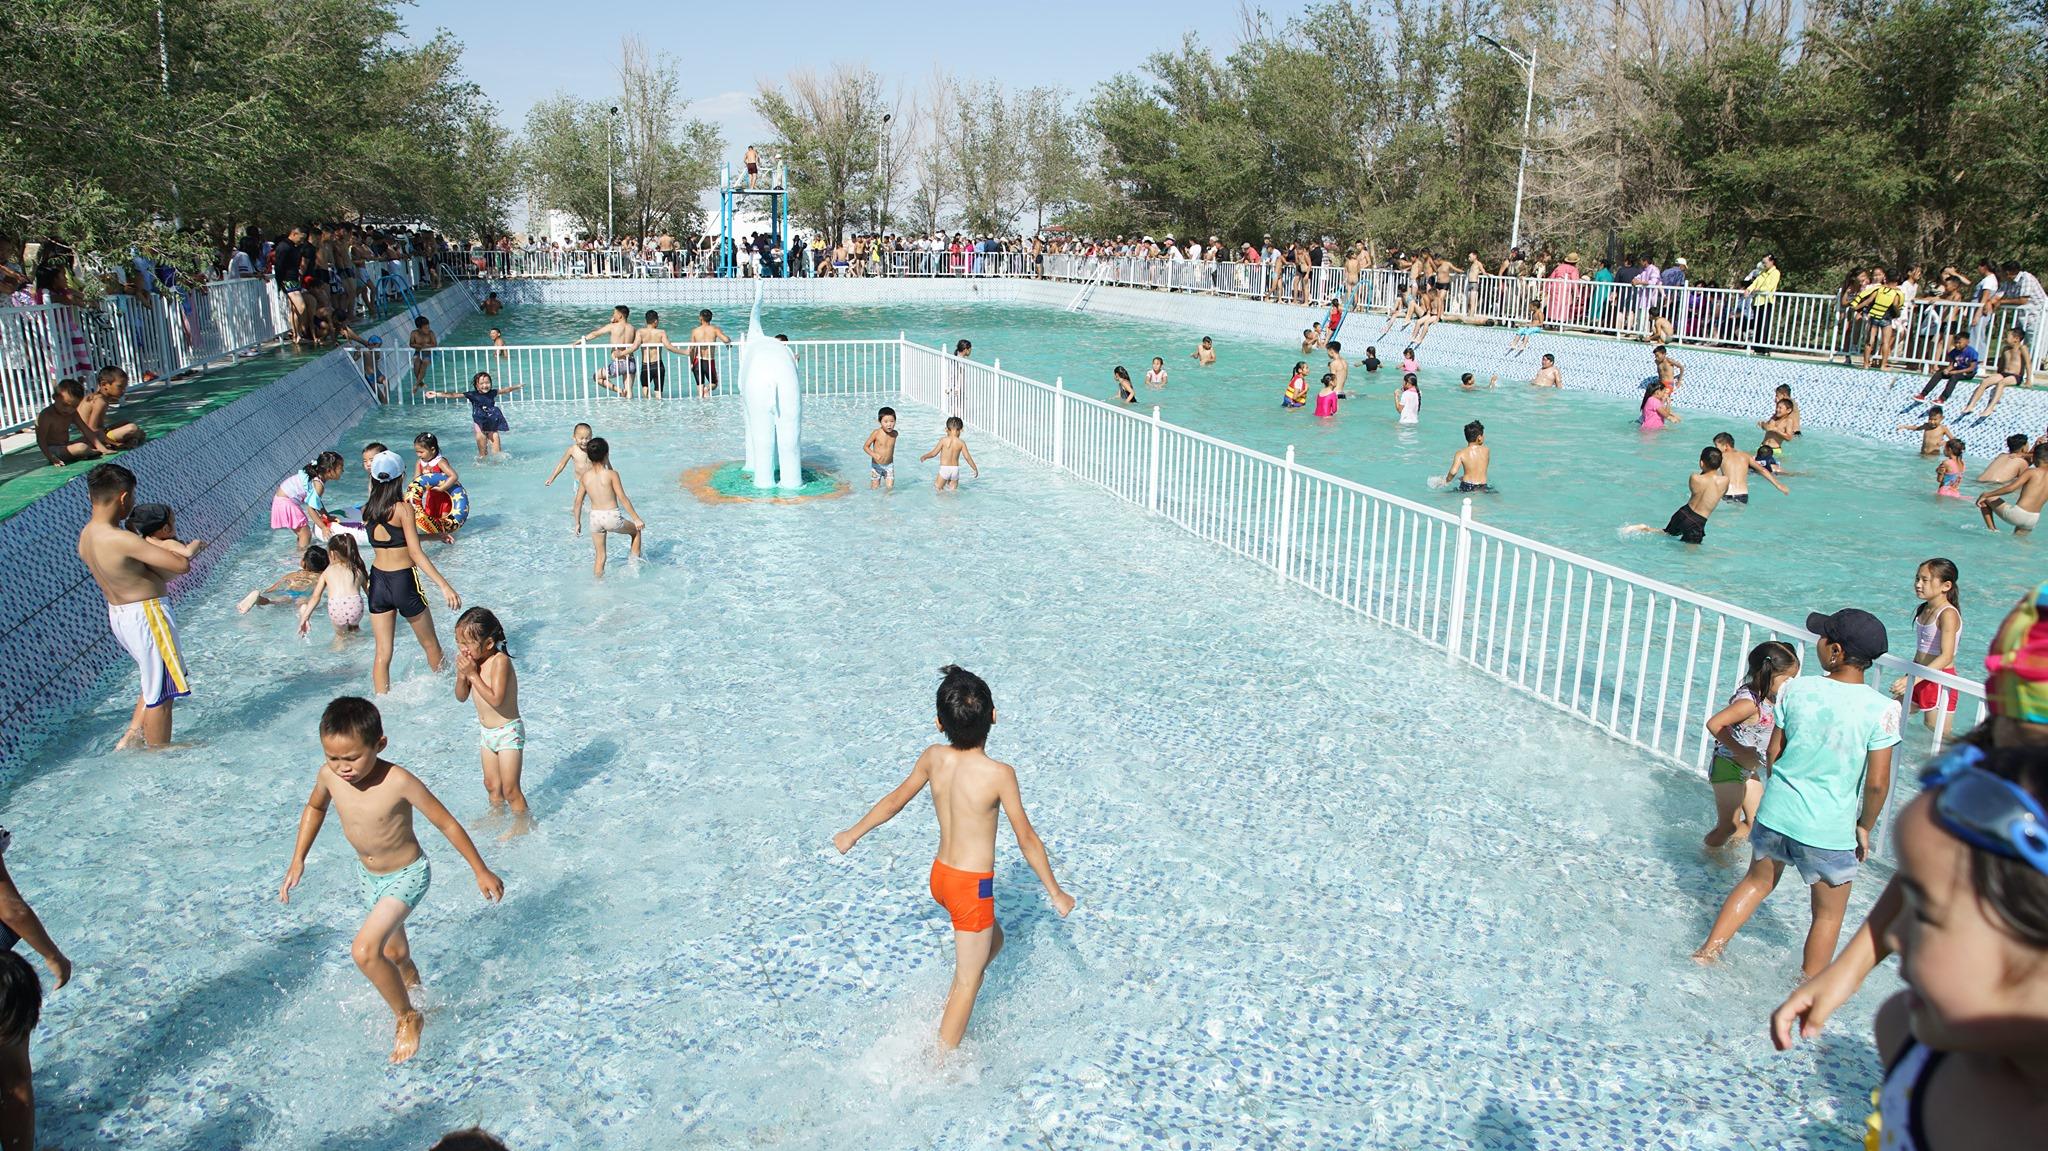 Монголын хамгийн анхны, хамгийн том задгай бассейн эргэн сэргэлээ